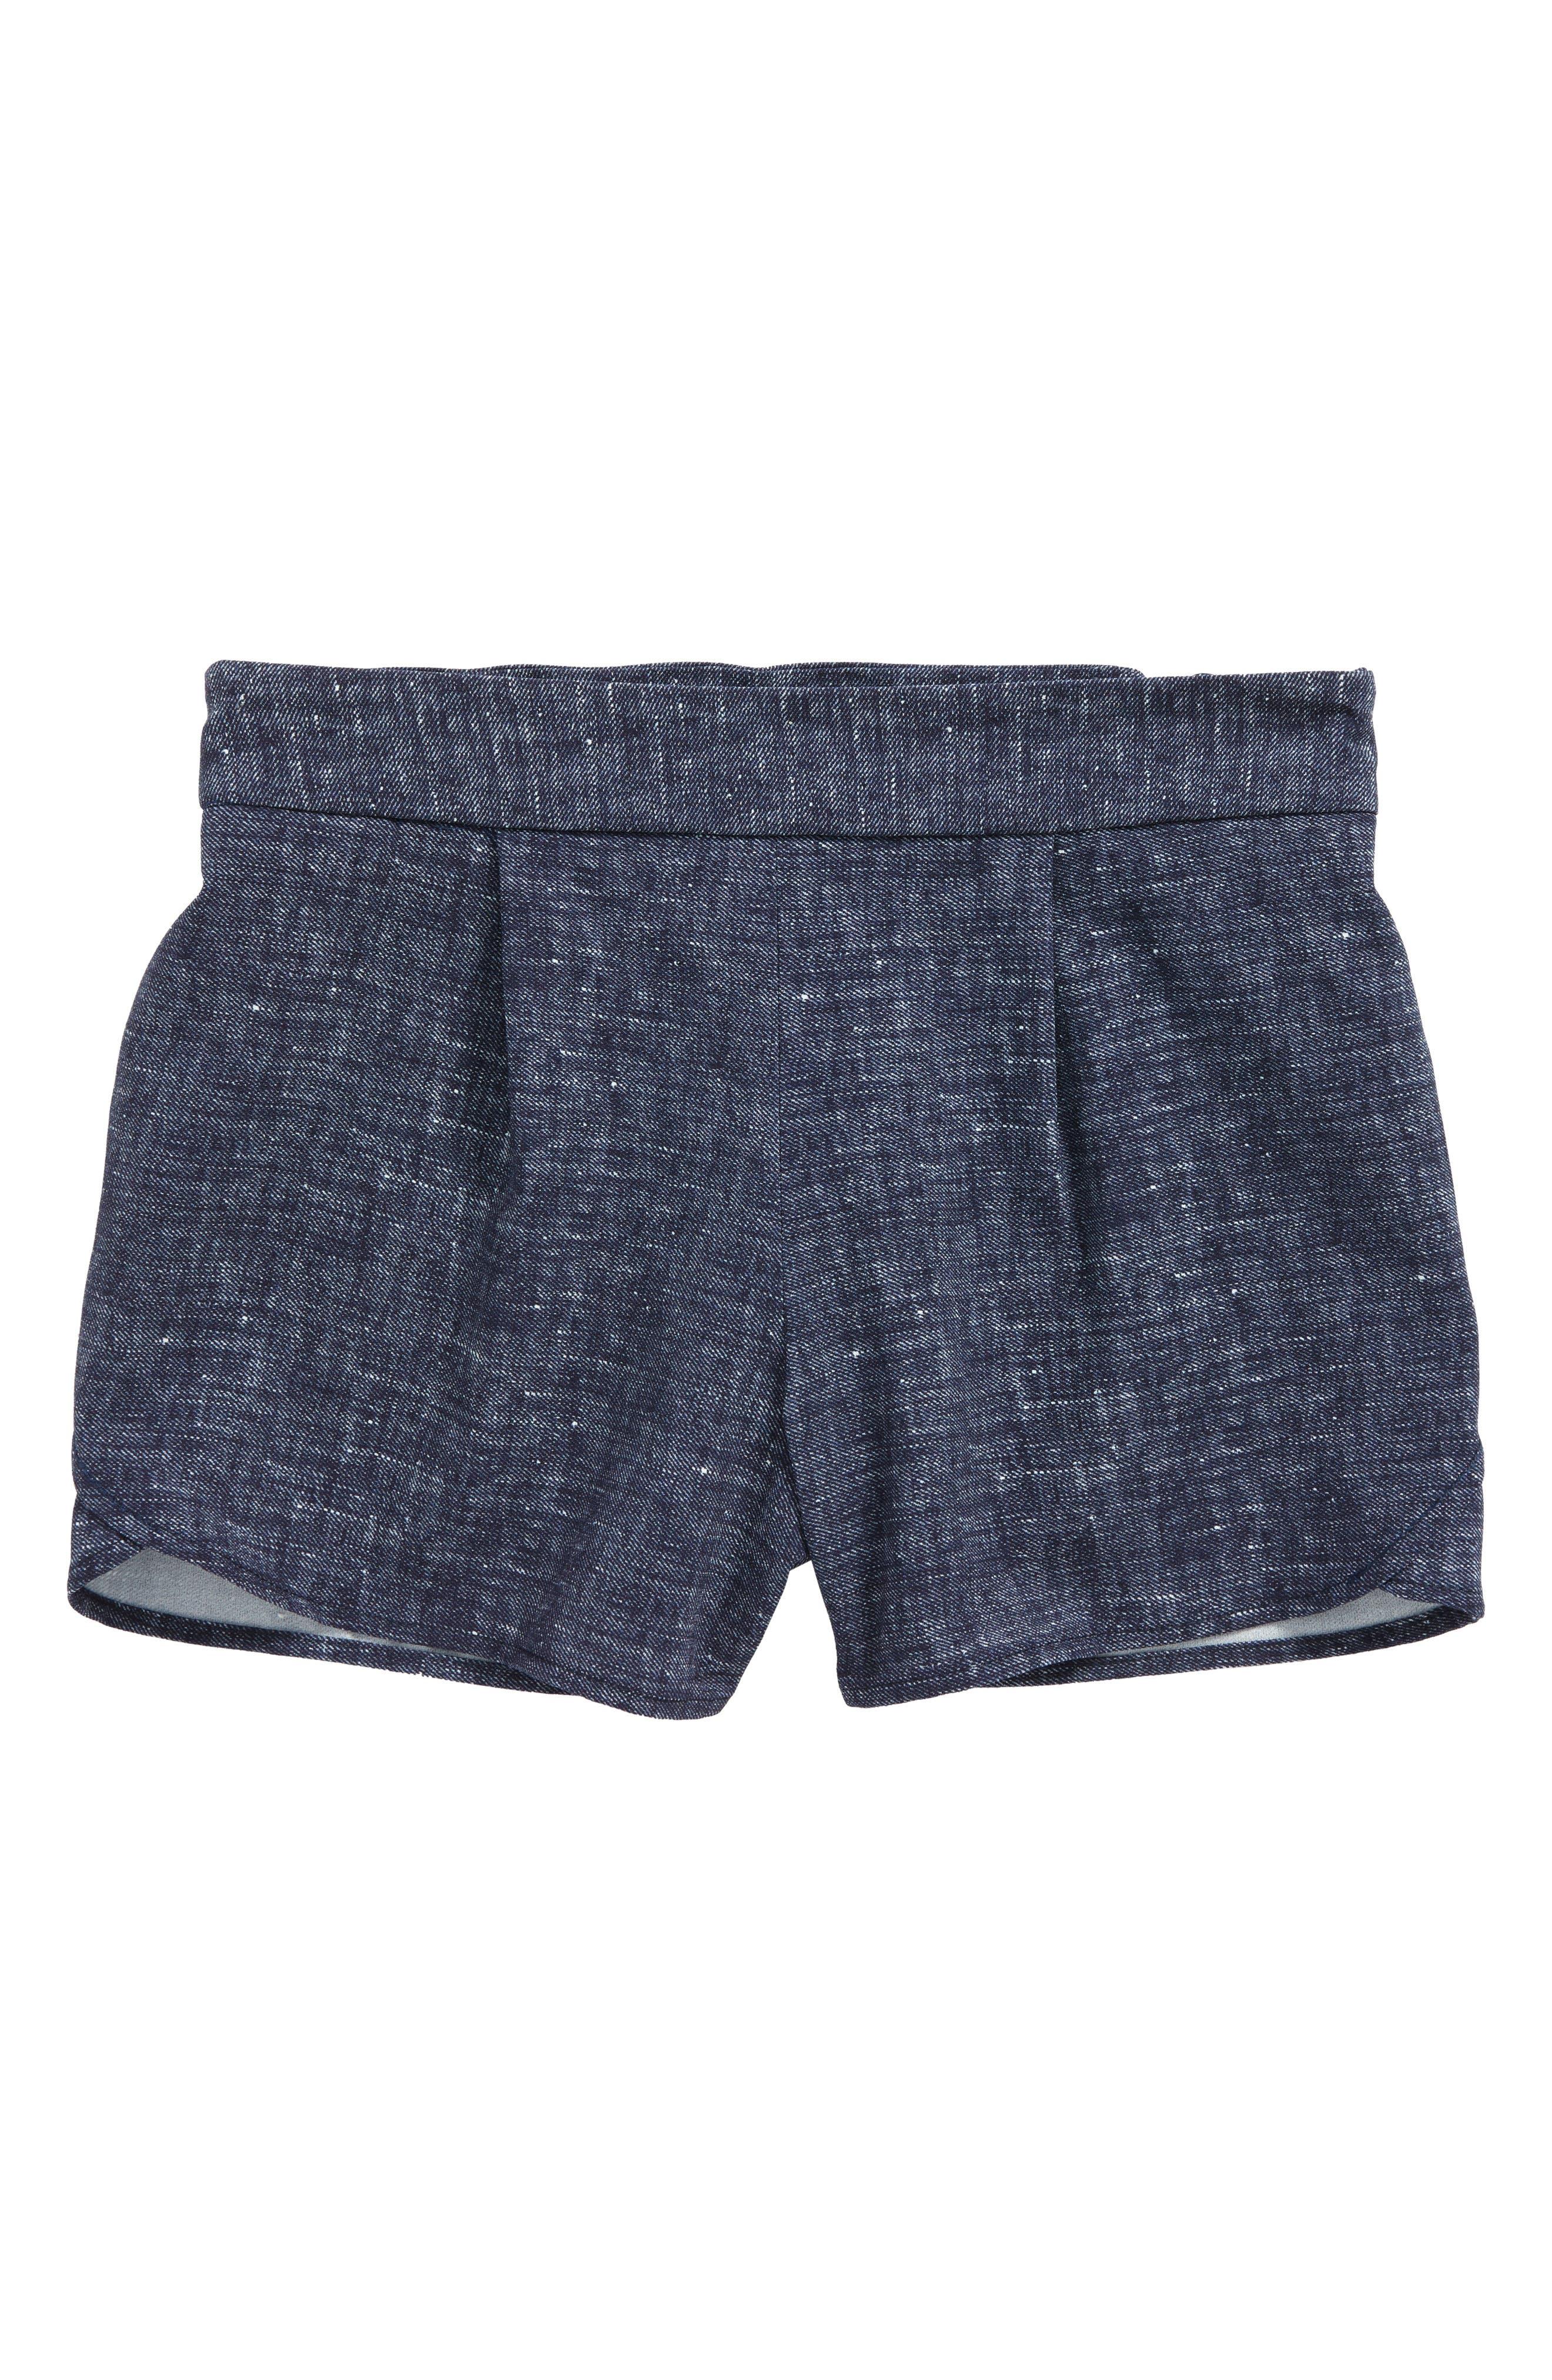 Petal Shorts,                             Main thumbnail 1, color,                             Blue Multi